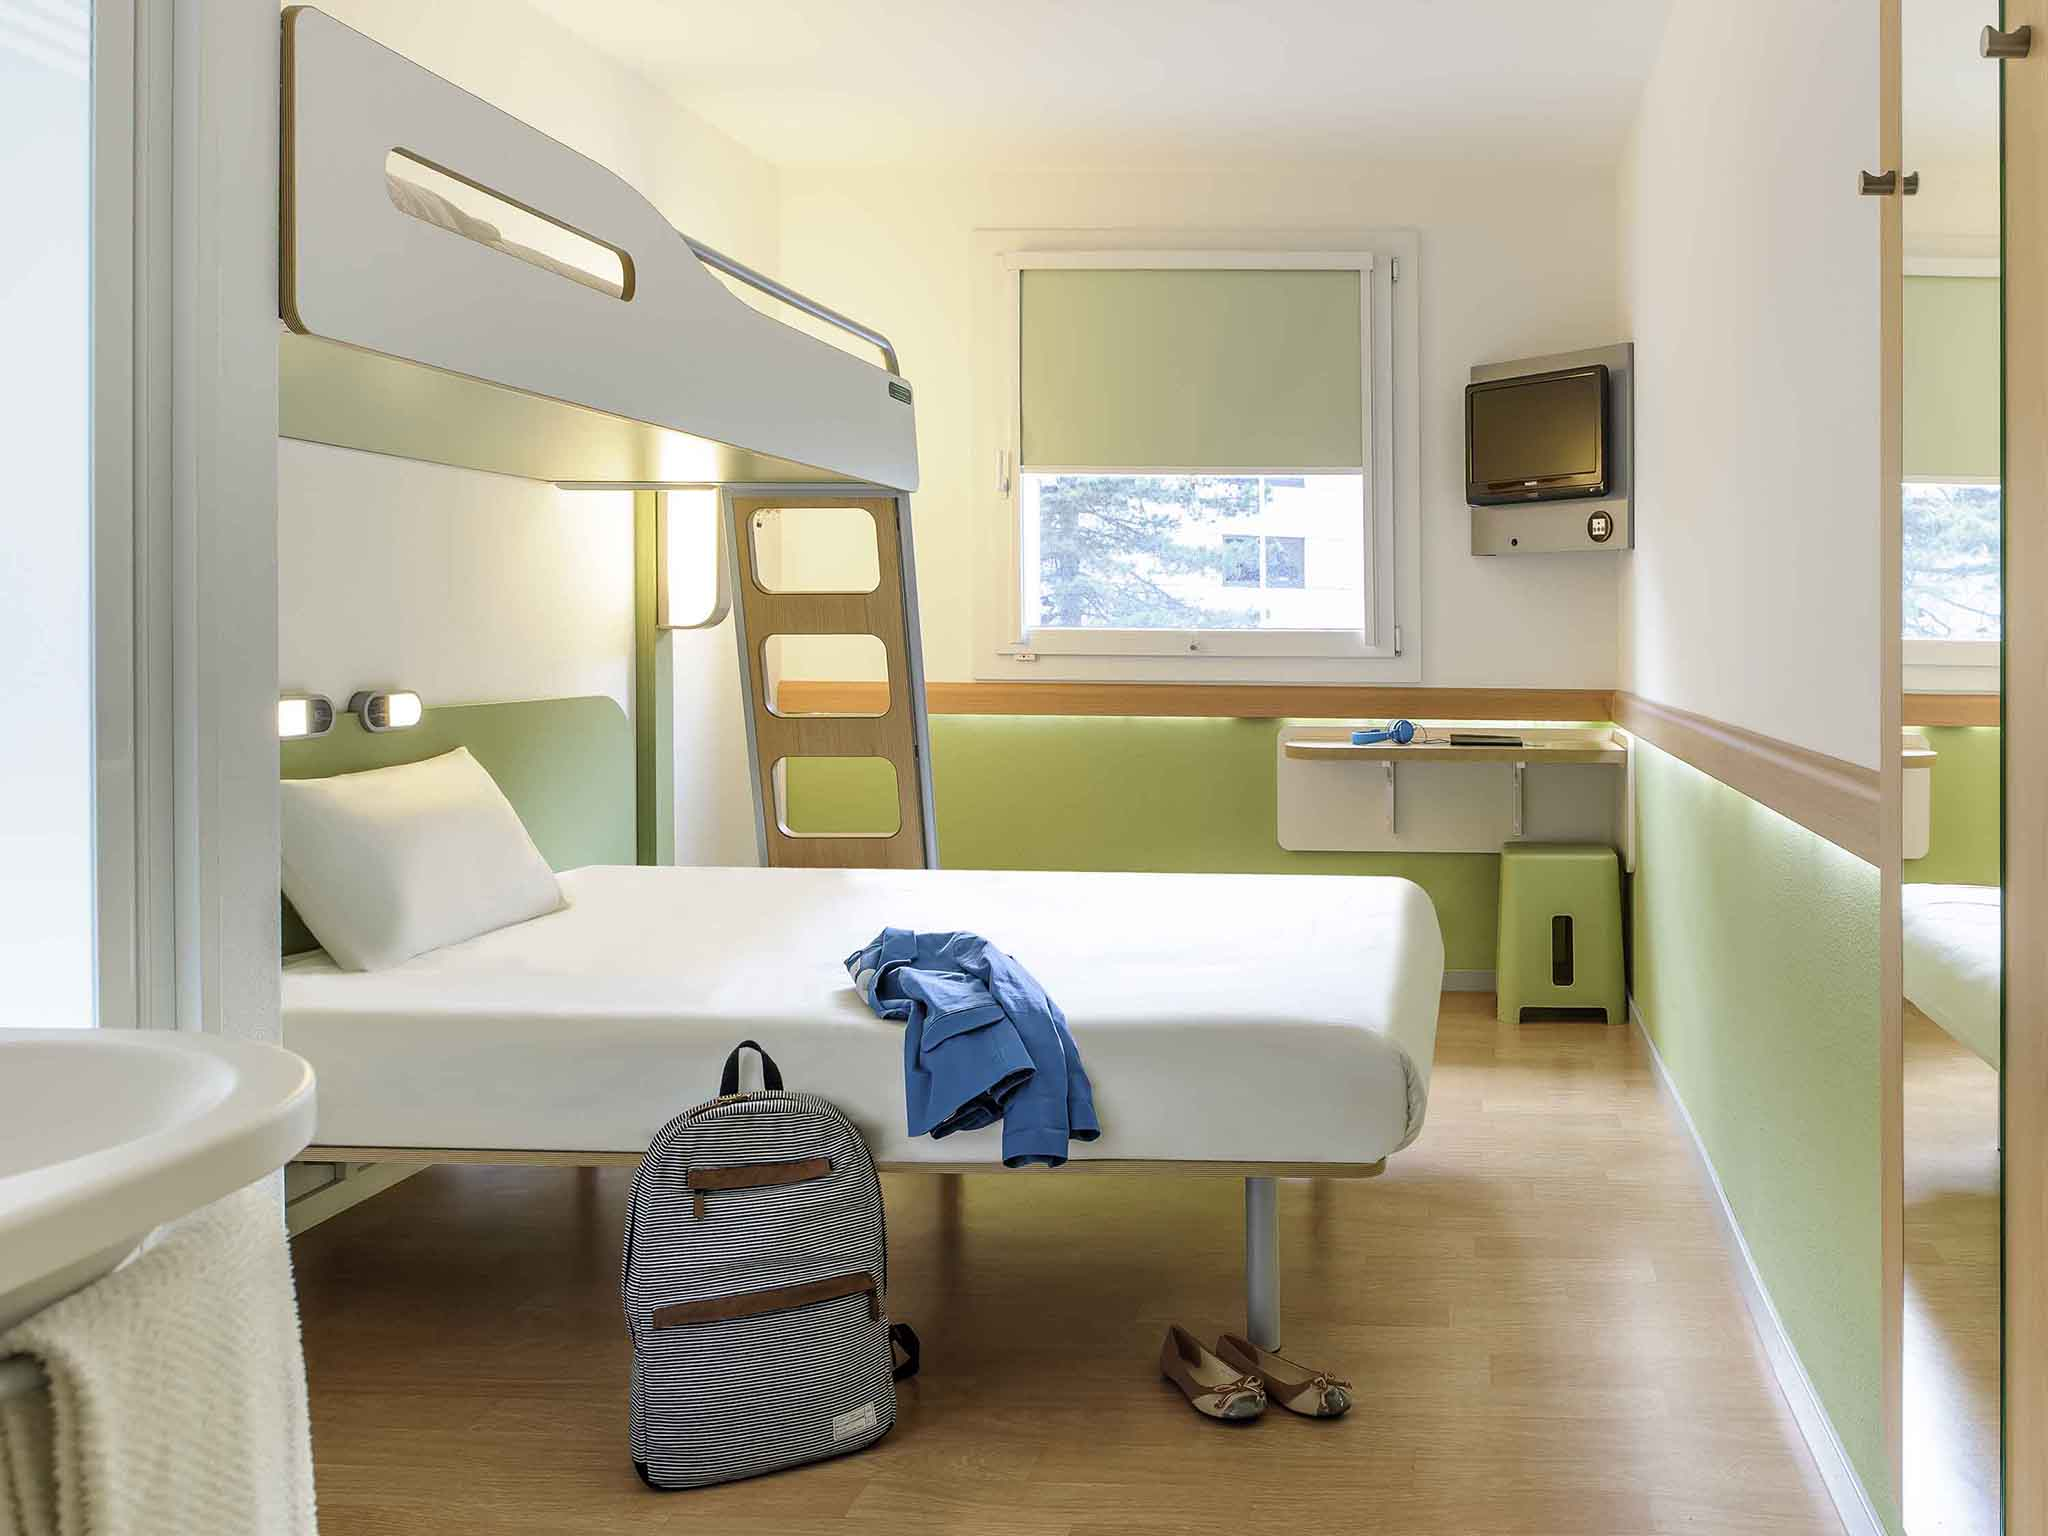 Hotel in aix en provence ibis budget aix en provence les milles